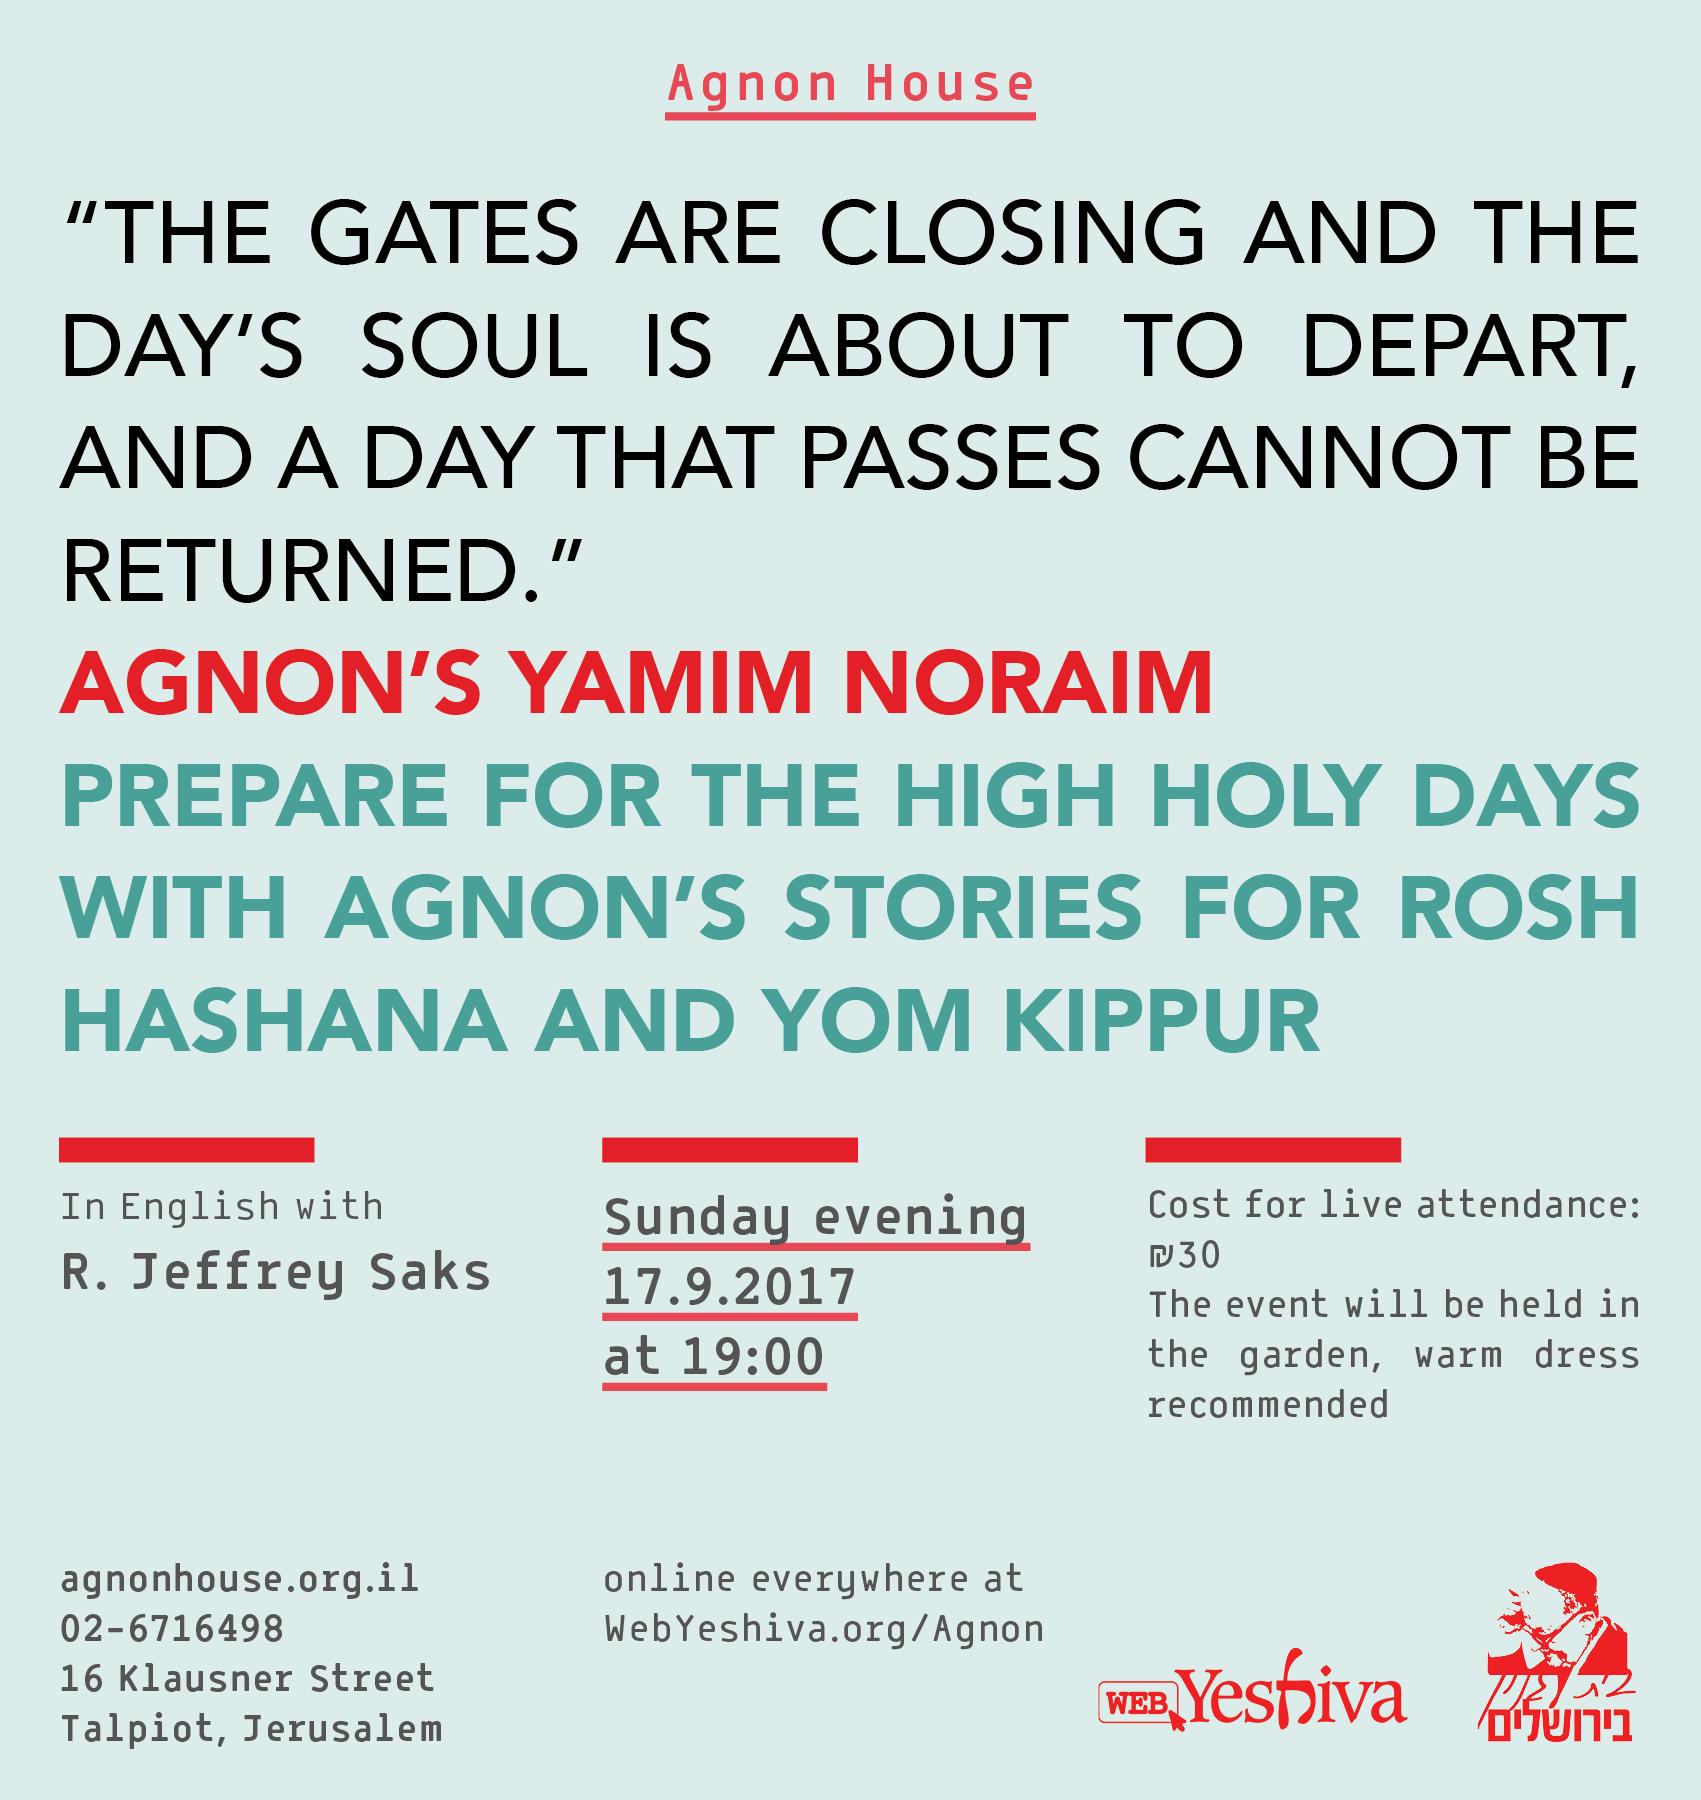 Agnon's Yamim Noraim